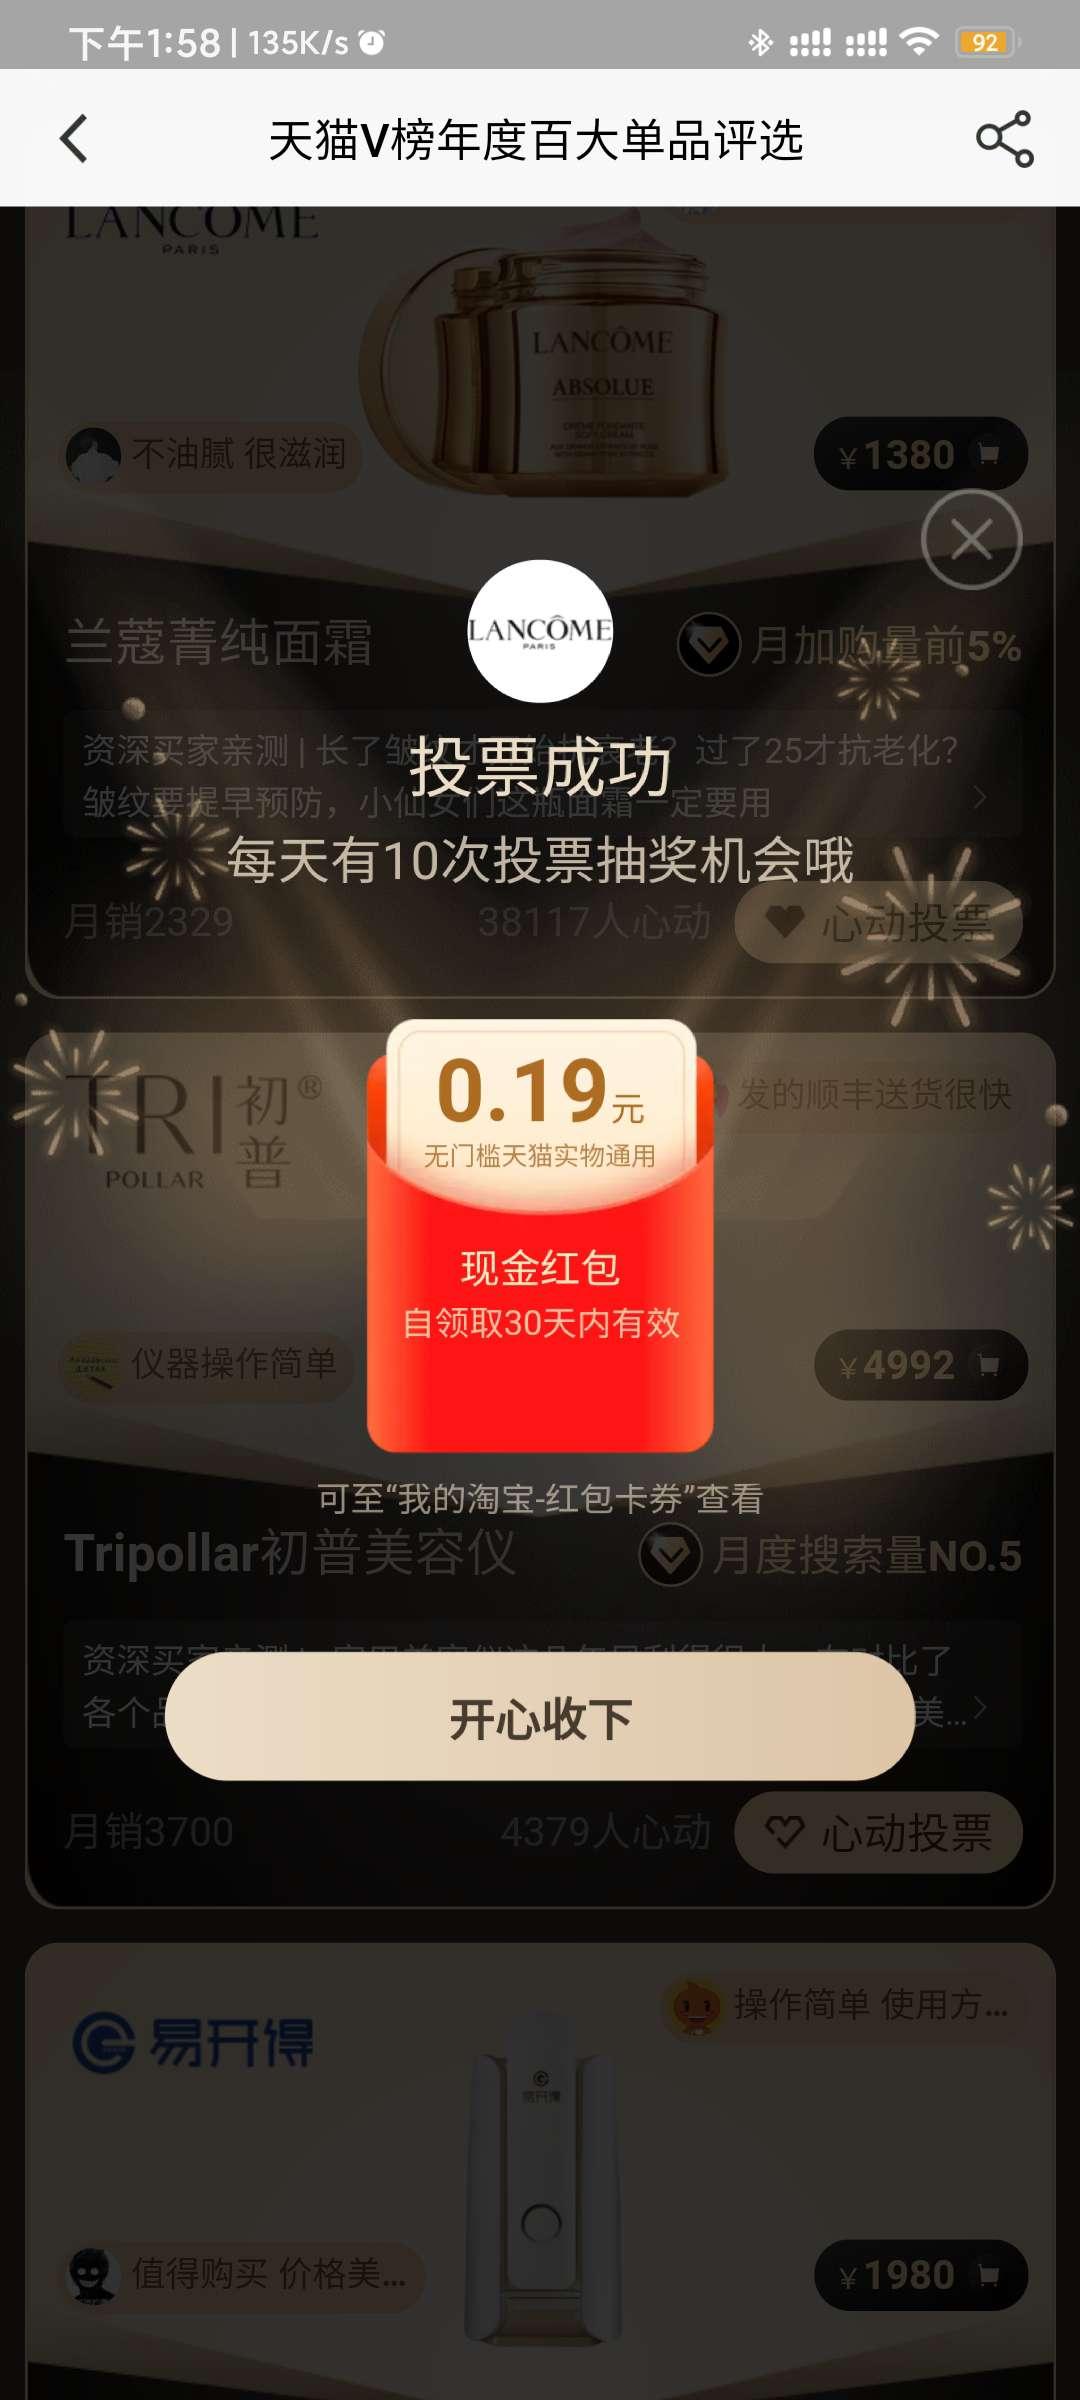 淘宝app领天猫V榜无门槛通用红包插图2